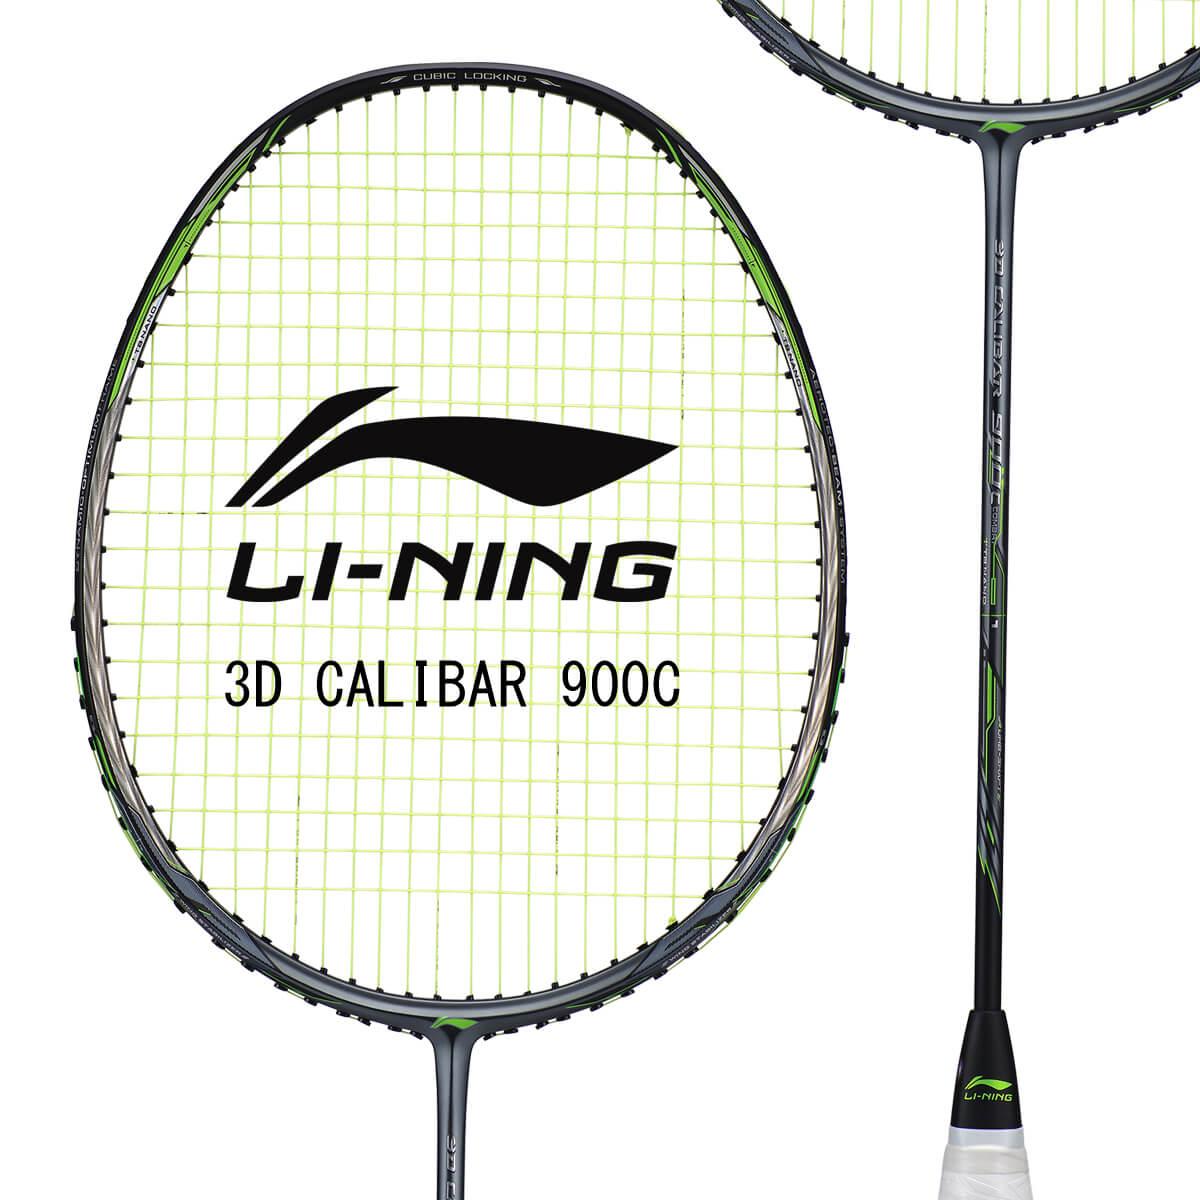 LI-NING 3D CALIBAR 900C(3D-C900C) 立体風刃 AYPM438-1 バドミントンラケット リーニン【オススメガット&ガット張り工賃無料/ 日本バドミントン協会審査合格品】